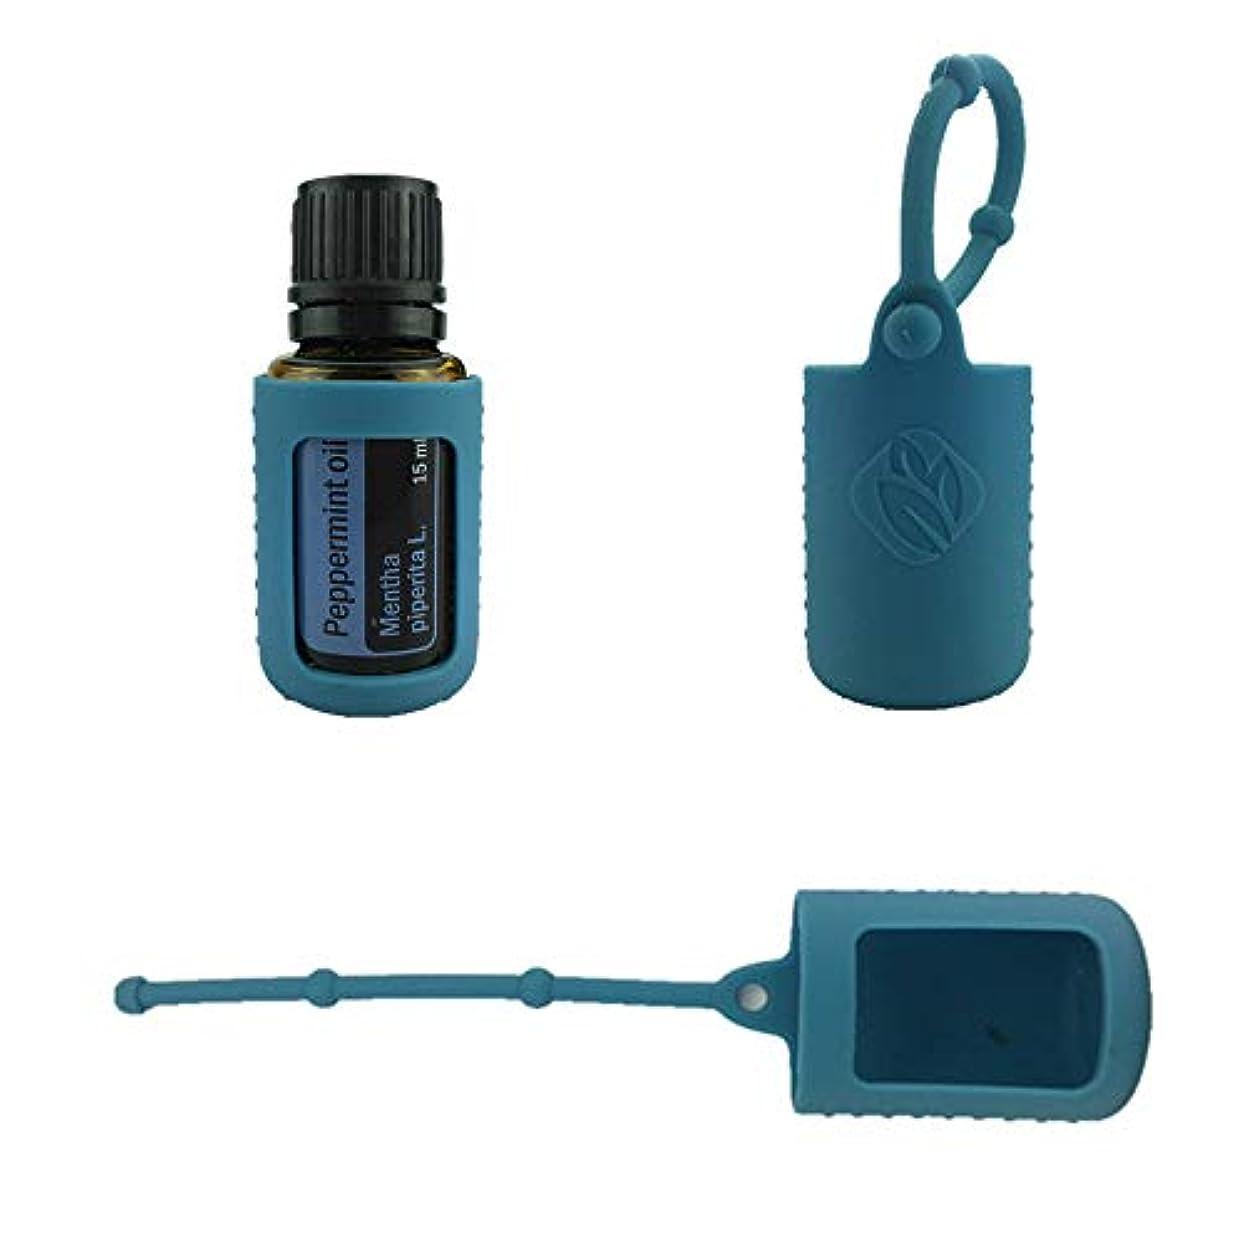 ヘロイン洗う連続した6パック熱望オイルボトルシリコンローラーボトルホルダースリーブエッセンシャルオイルボトル保護カバーケースハングロープ - ダンク ブルー - 6-pcs 15ml